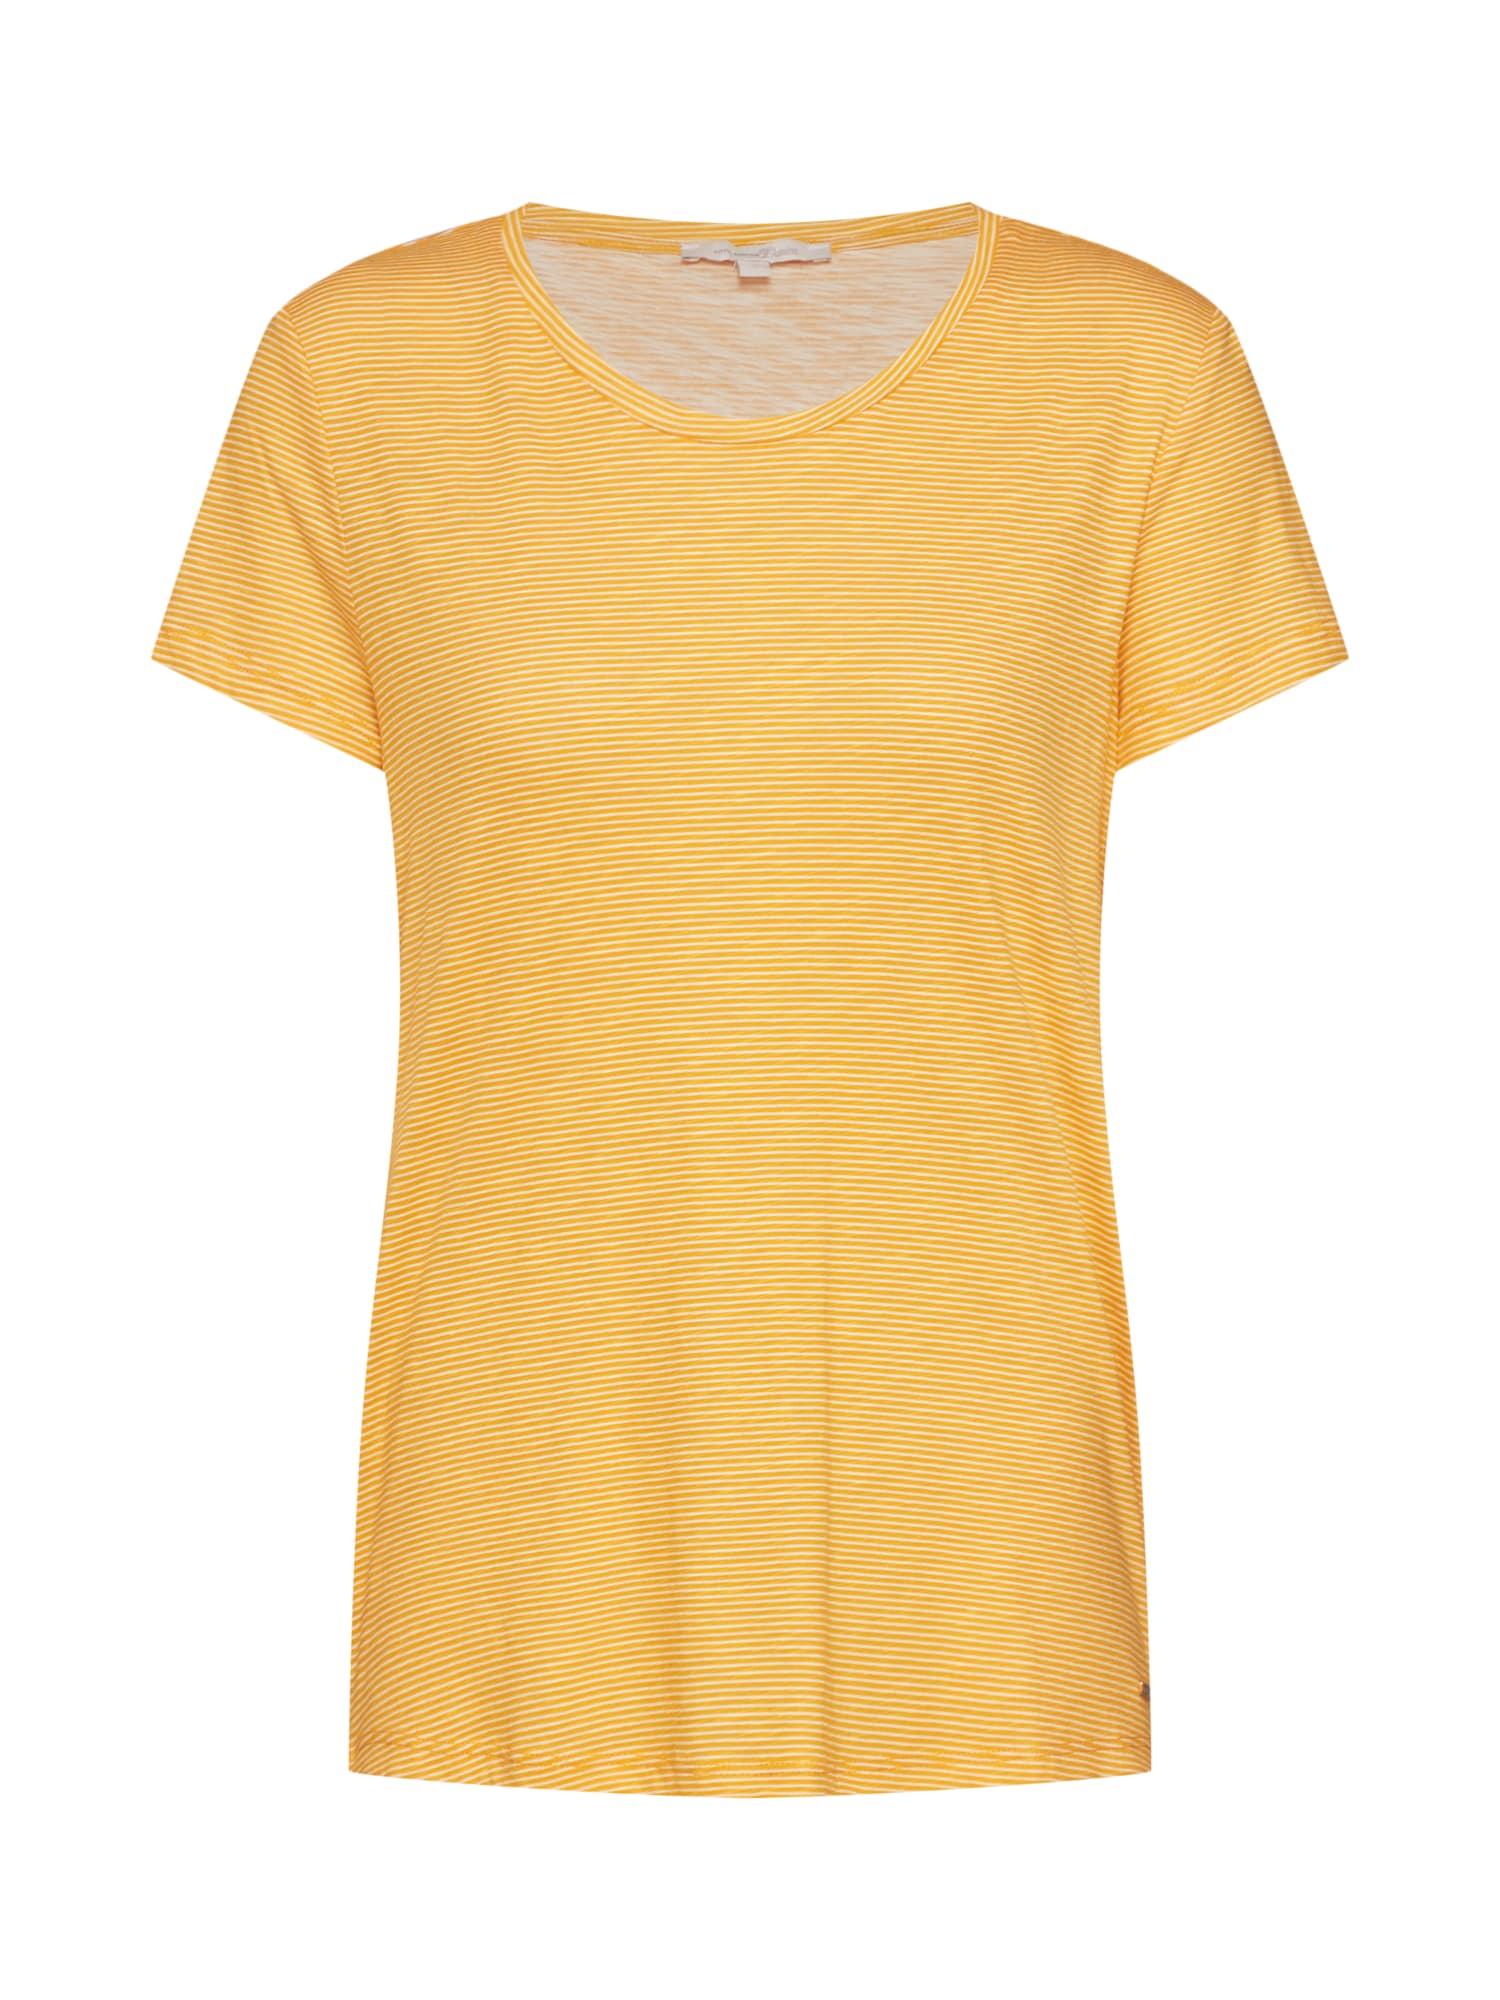 Tričko žlutá bílá TOM TAILOR DENIM